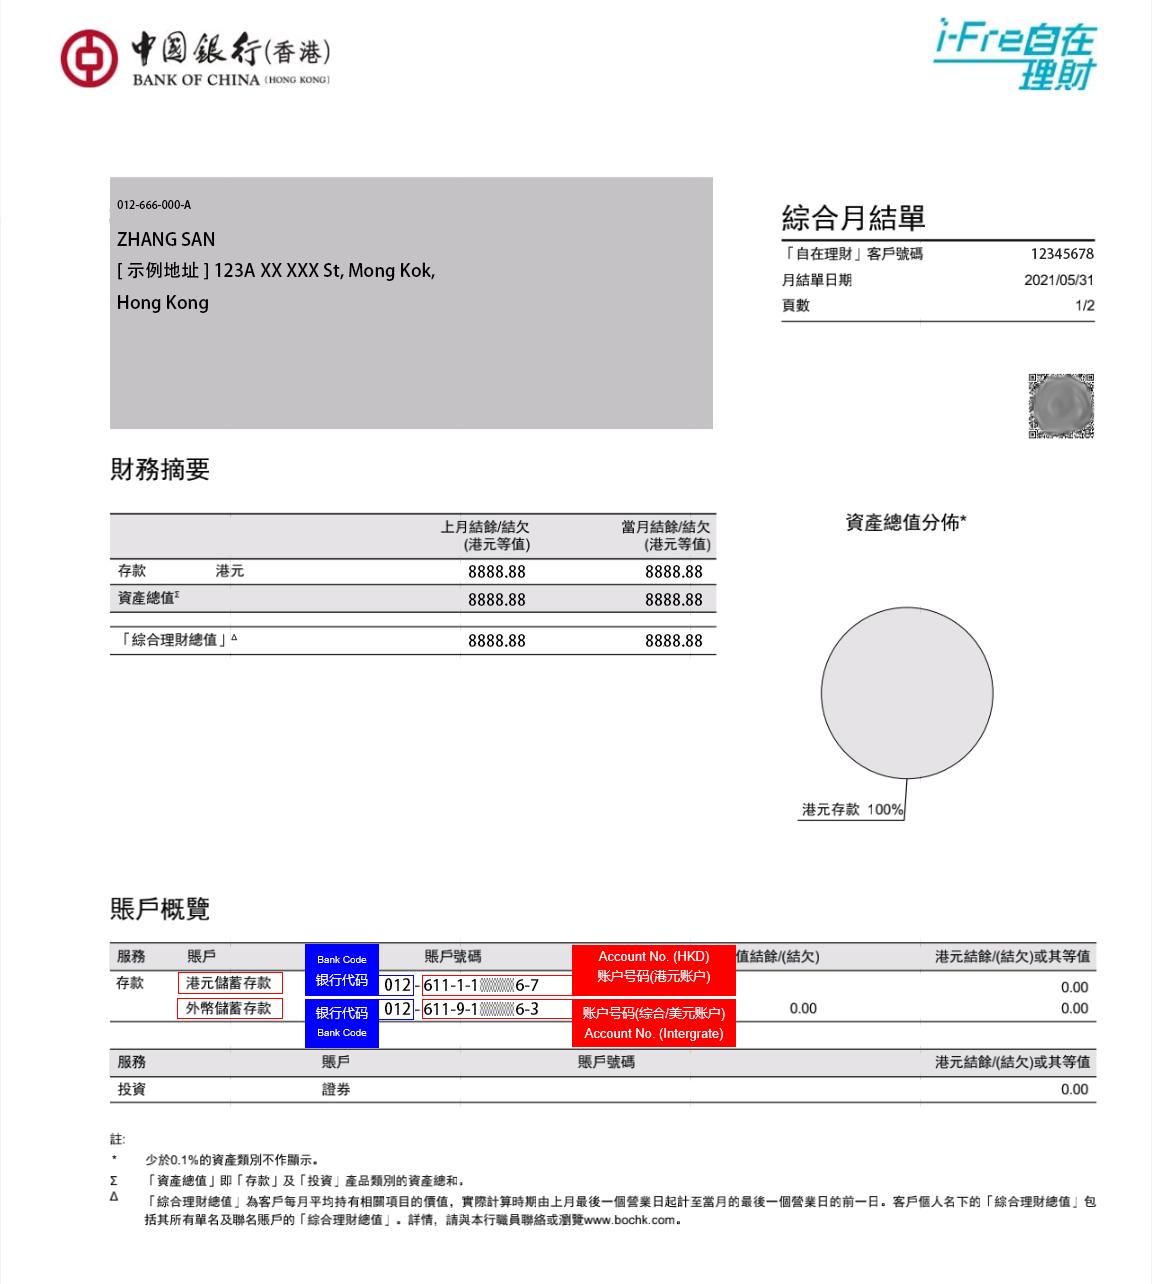 银行代码及账户号码说明 – 存入资金 – 富途证券插图1